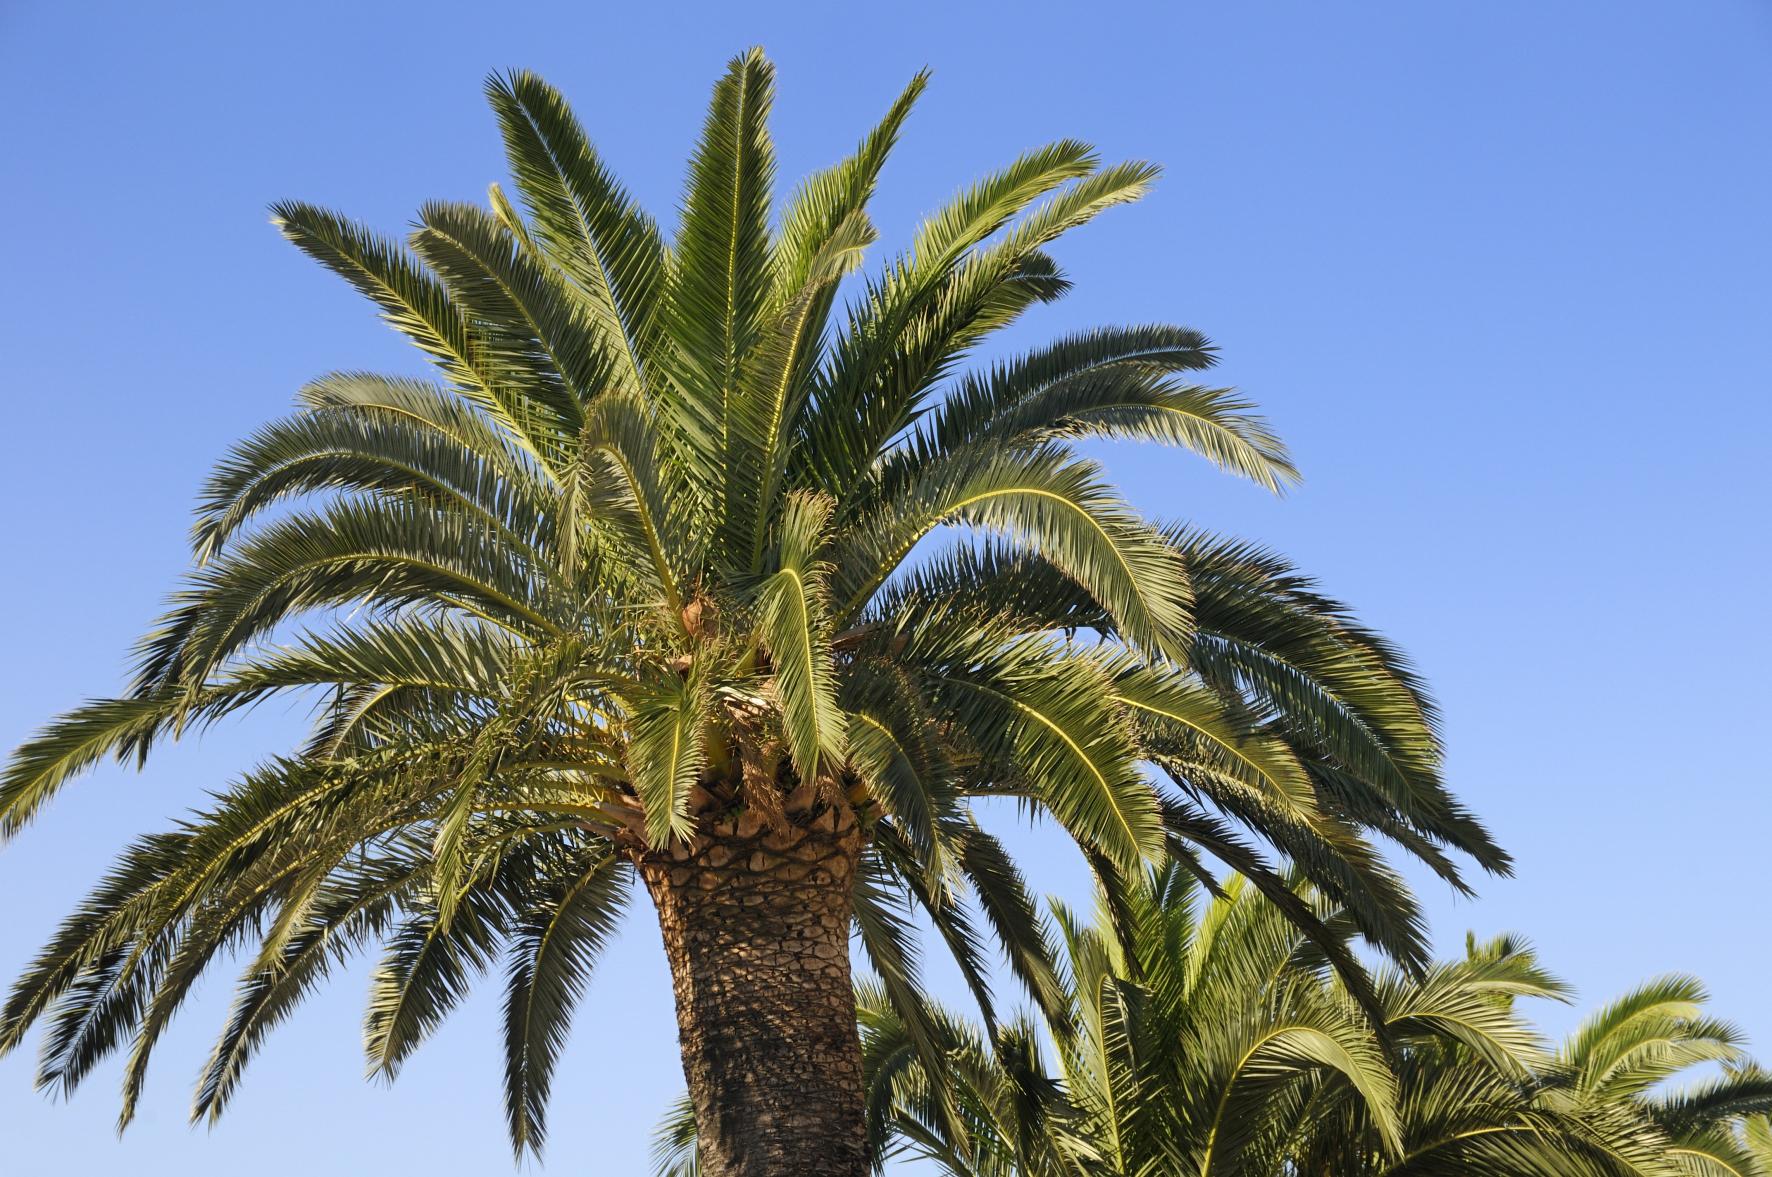 Palmier 2 plage vacance loisir concept toute - Image palmier ...